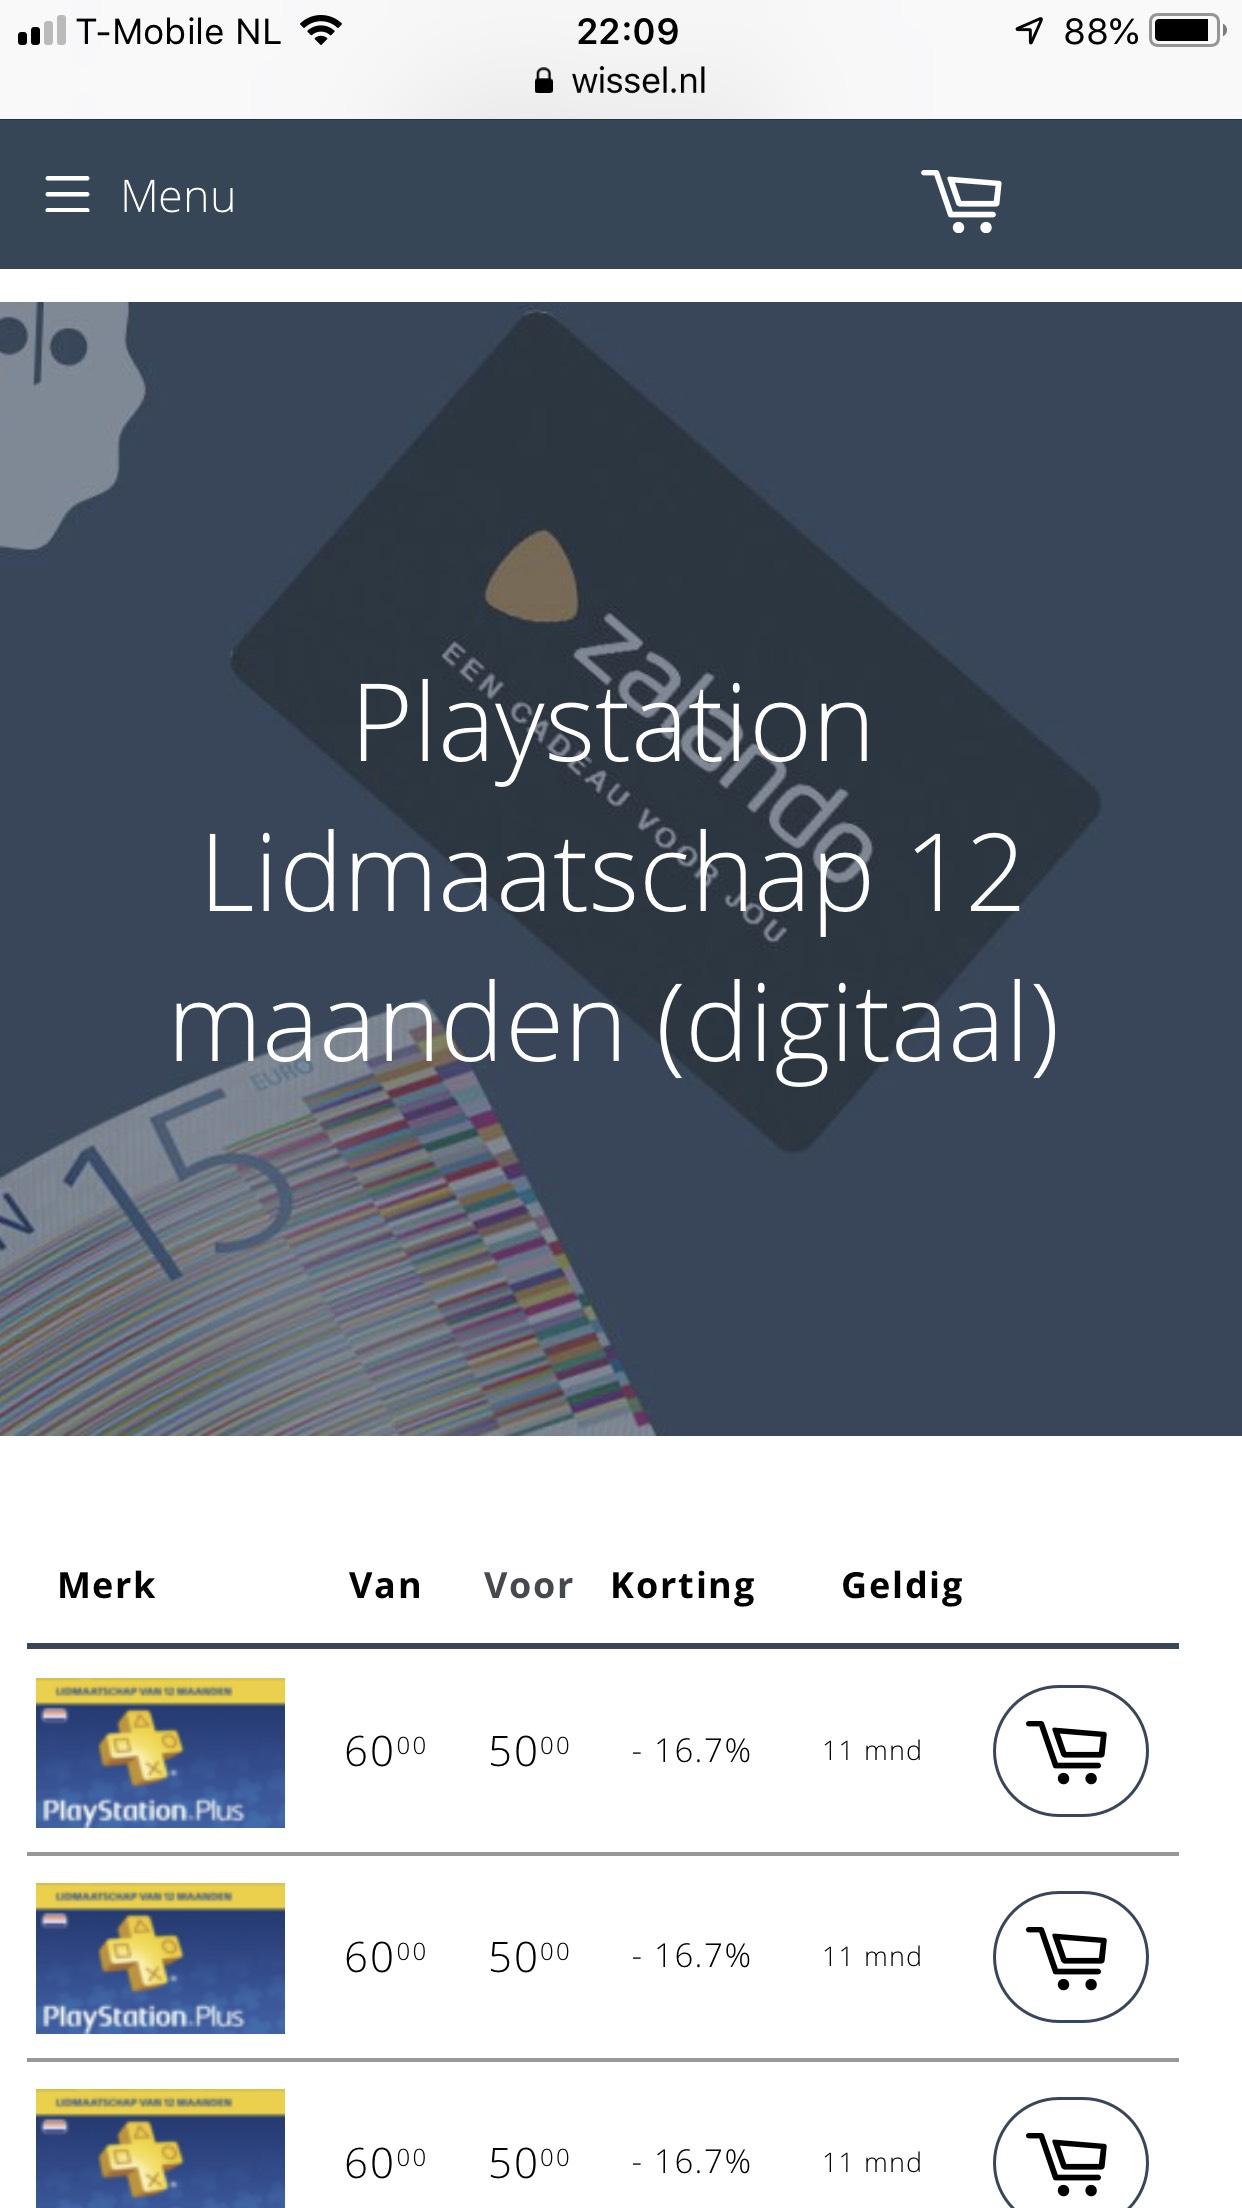 PlayStation plus 12 maanden voor € 50,00 bij www.wissel.nl